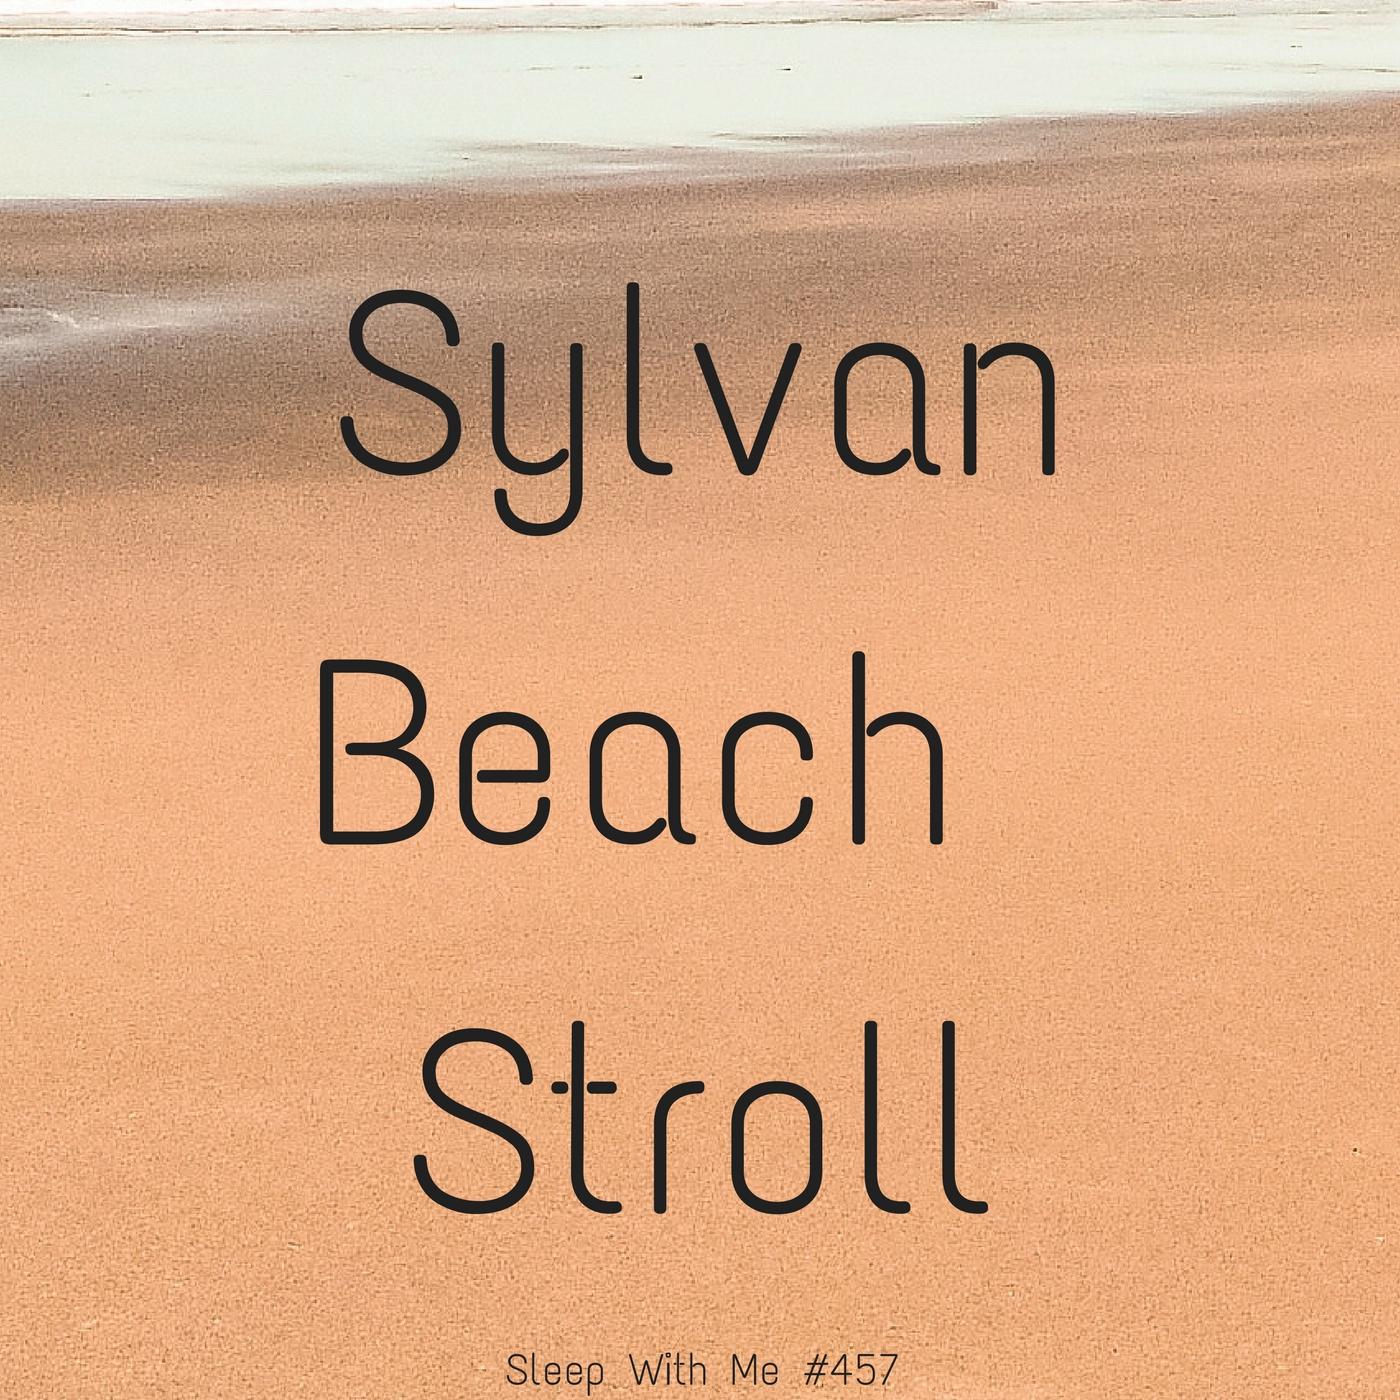 Sylvan Beach Stroll | Sleep With Me #457